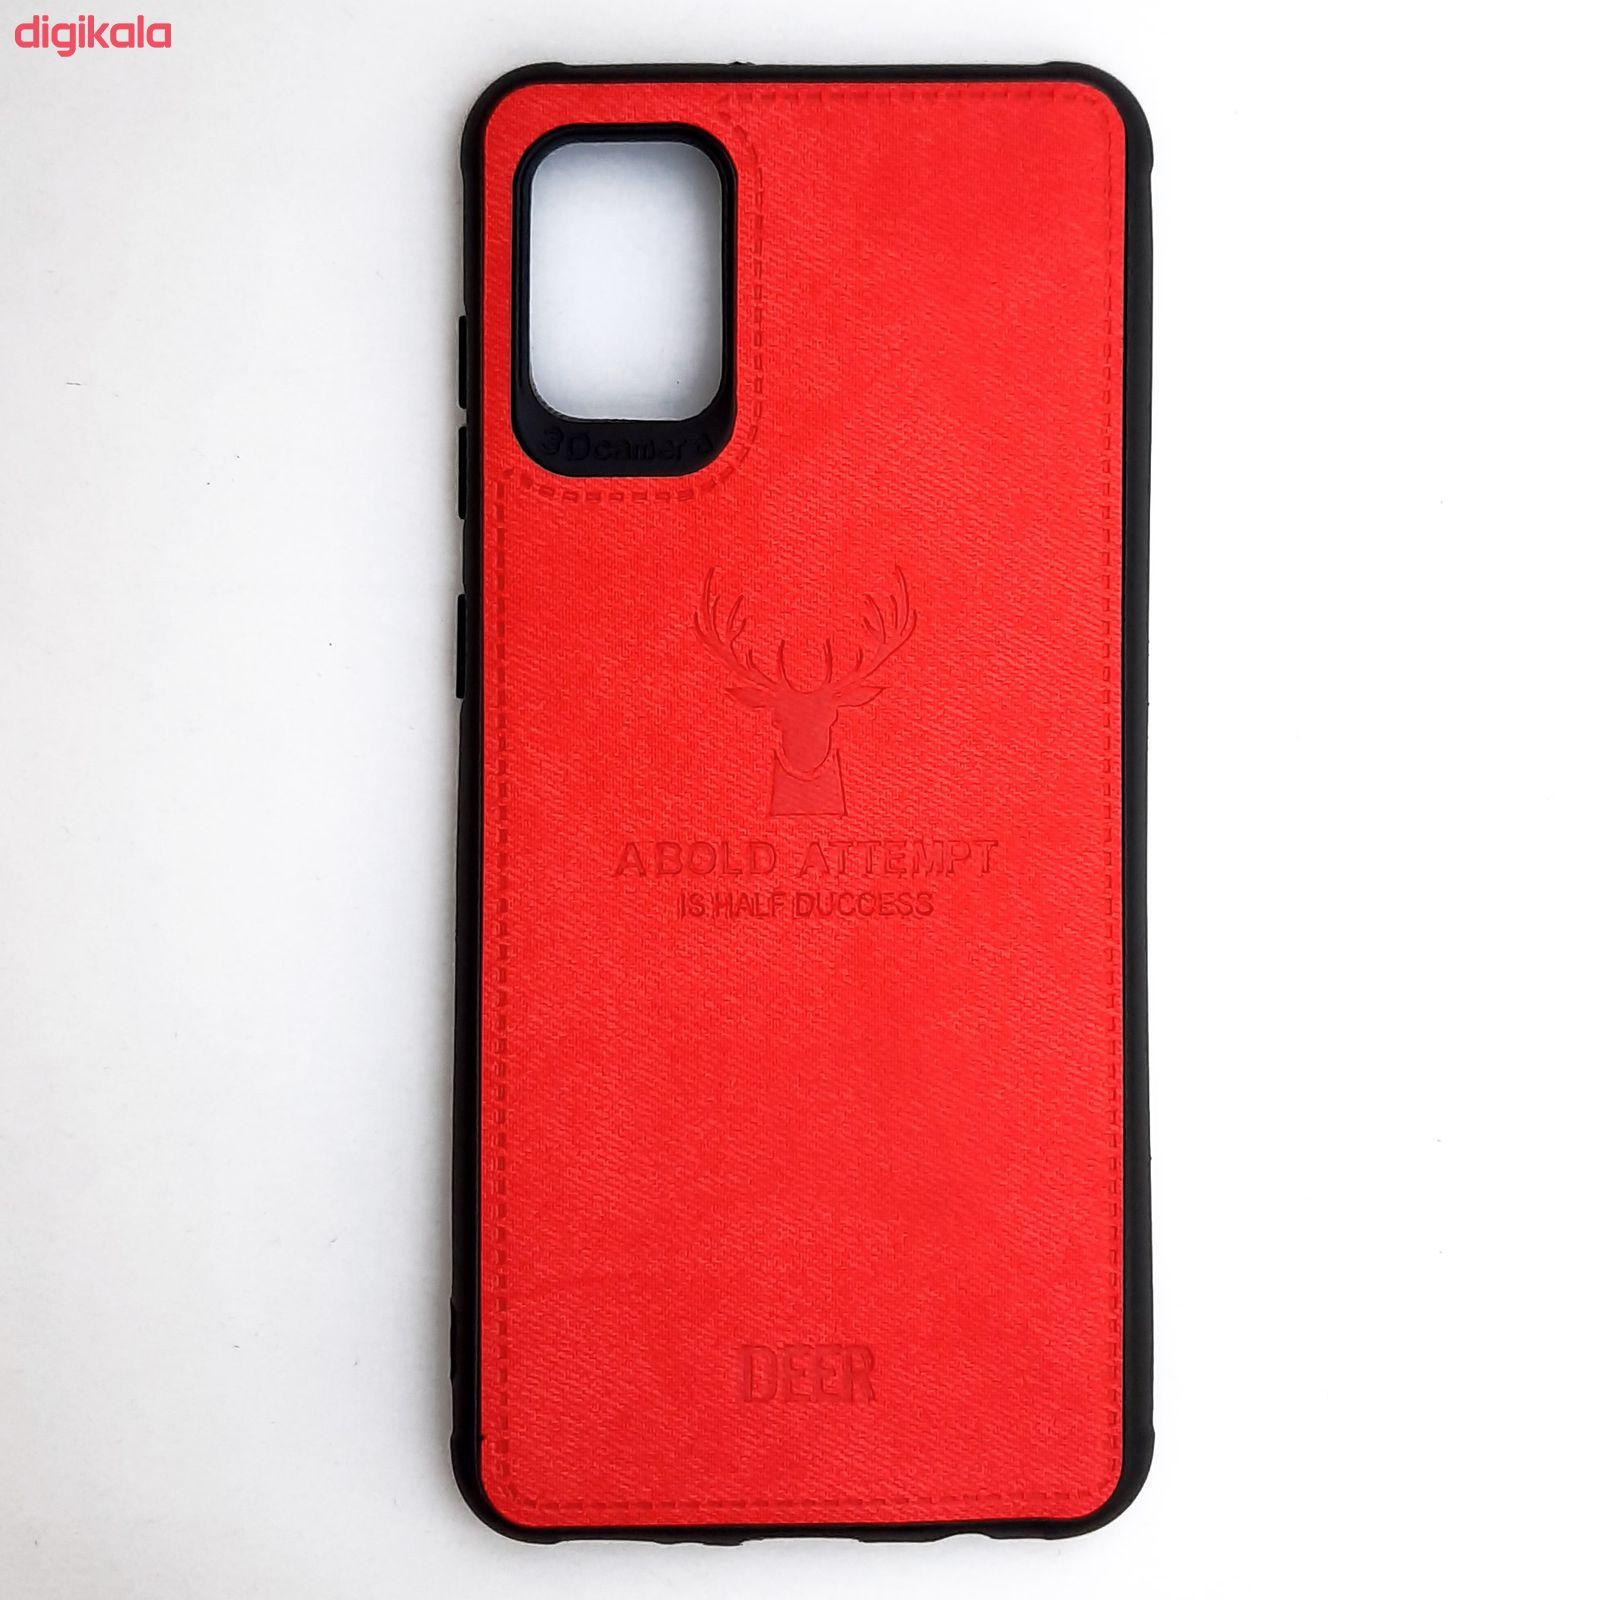 کاور مدل CO506 طرح گوزن مناسب برای گوشی موبایل سامسونگ Galaxy A31 main 1 8